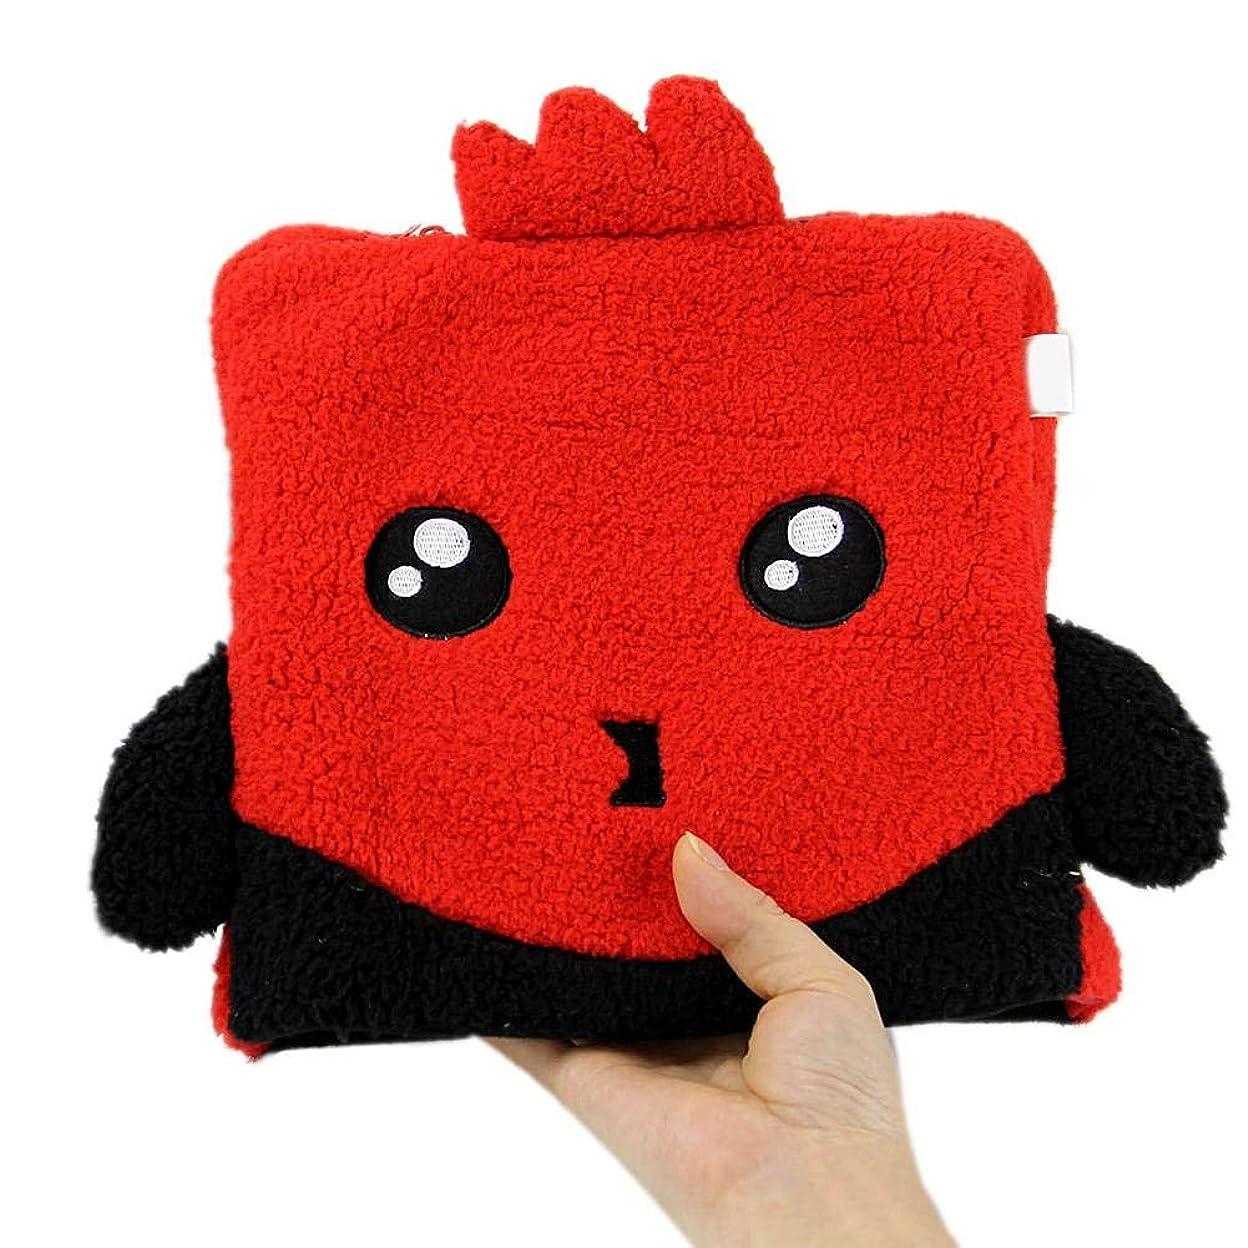 スポーツ代わりにを立てる貢献するひよこ型加熱マウスパッド 暖かい手 マウスパッド ひよこ USB ? 李ピンタン ? 可愛い 漫画 暖かくしてください 特大 冬 加熱パッド